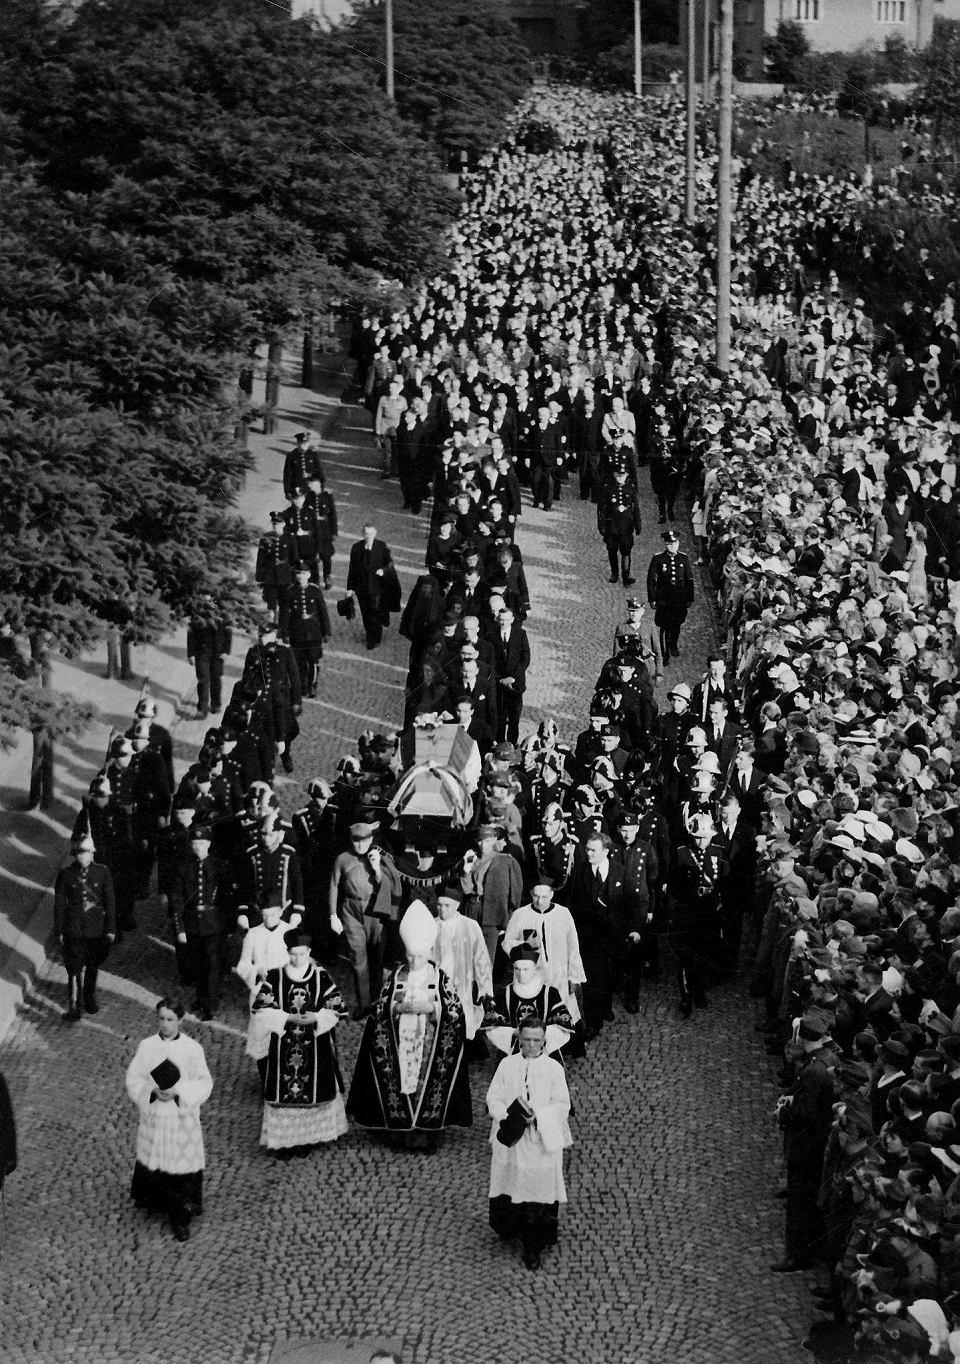 Zdjęcie numer 22 w galerii - Pogrzeb Wojciecha Korfantego był wielką antysanacyjną manifestacją [ARCHIWALNE ZDJĘCIA]